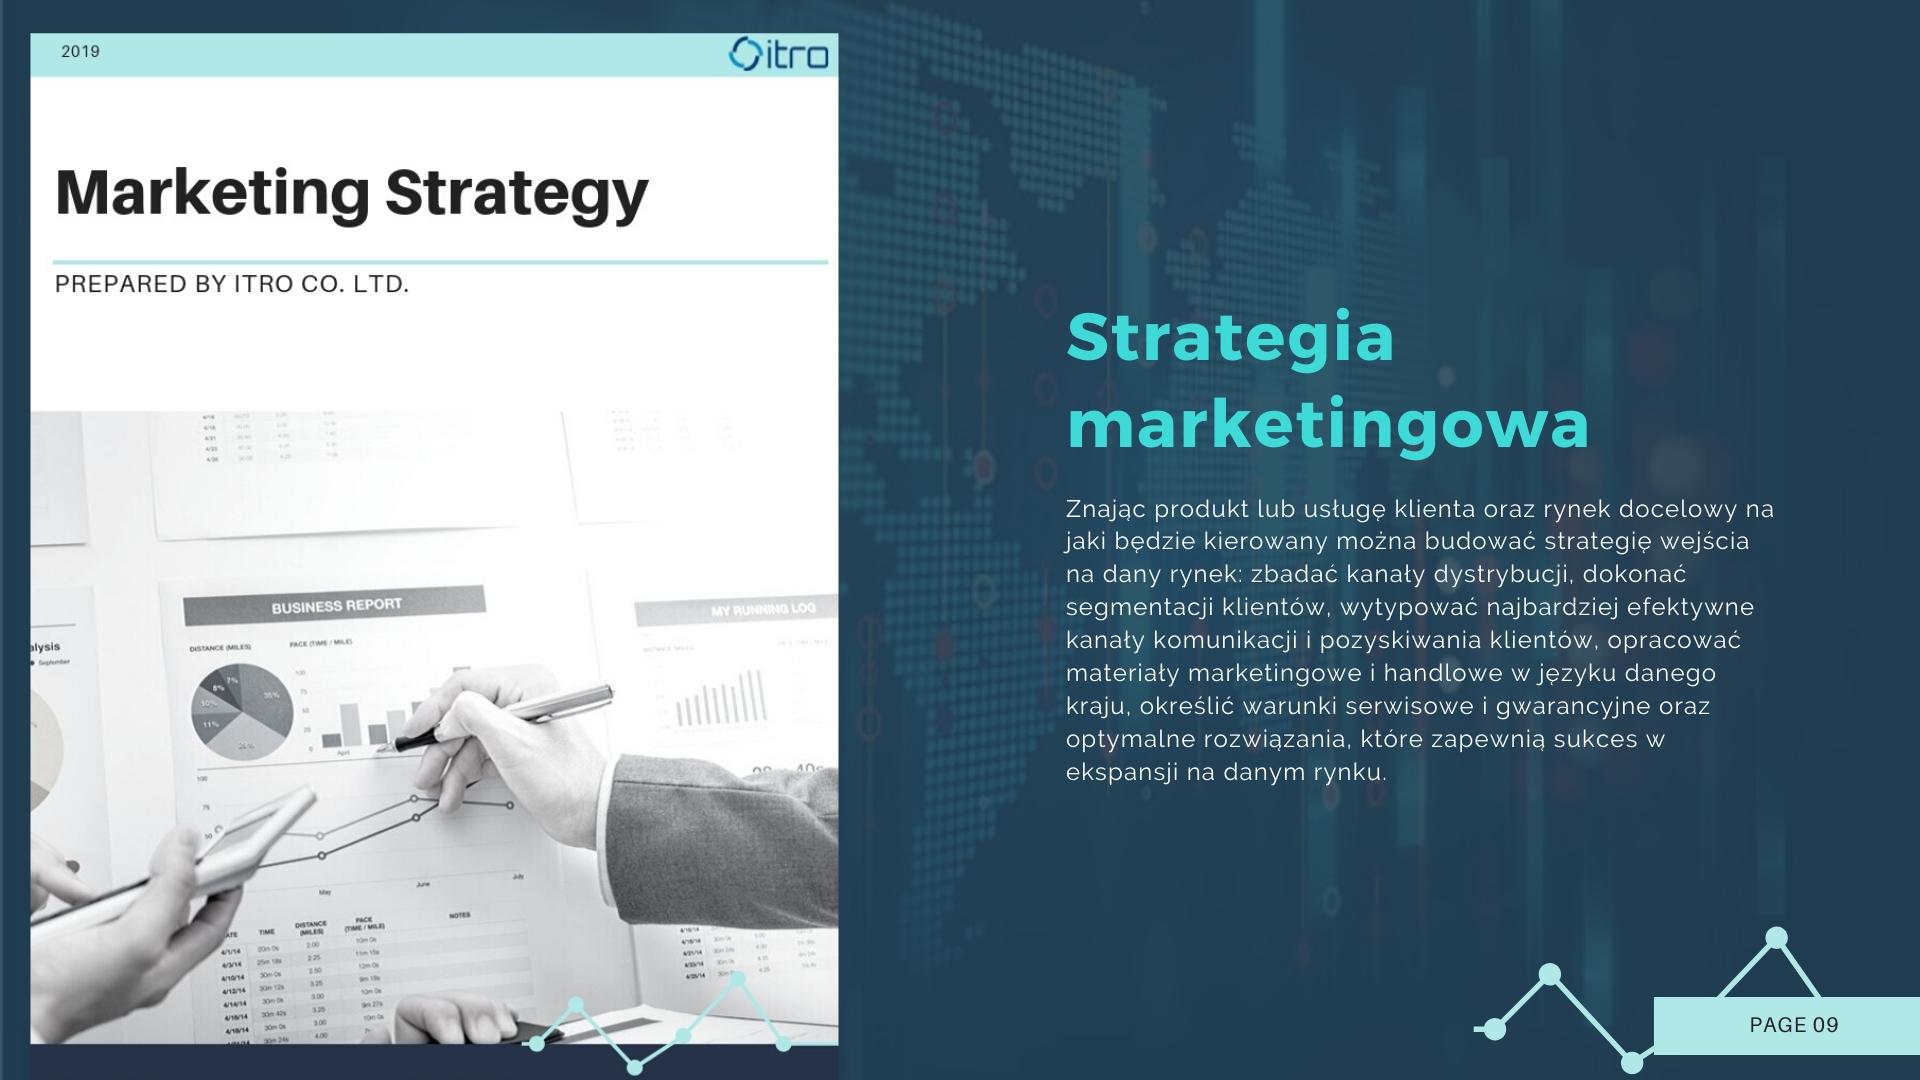 9_Professionalservicestointernationalizeyourbusiness_by ITRO_Strategia wejścia na rynek docelowy_2020